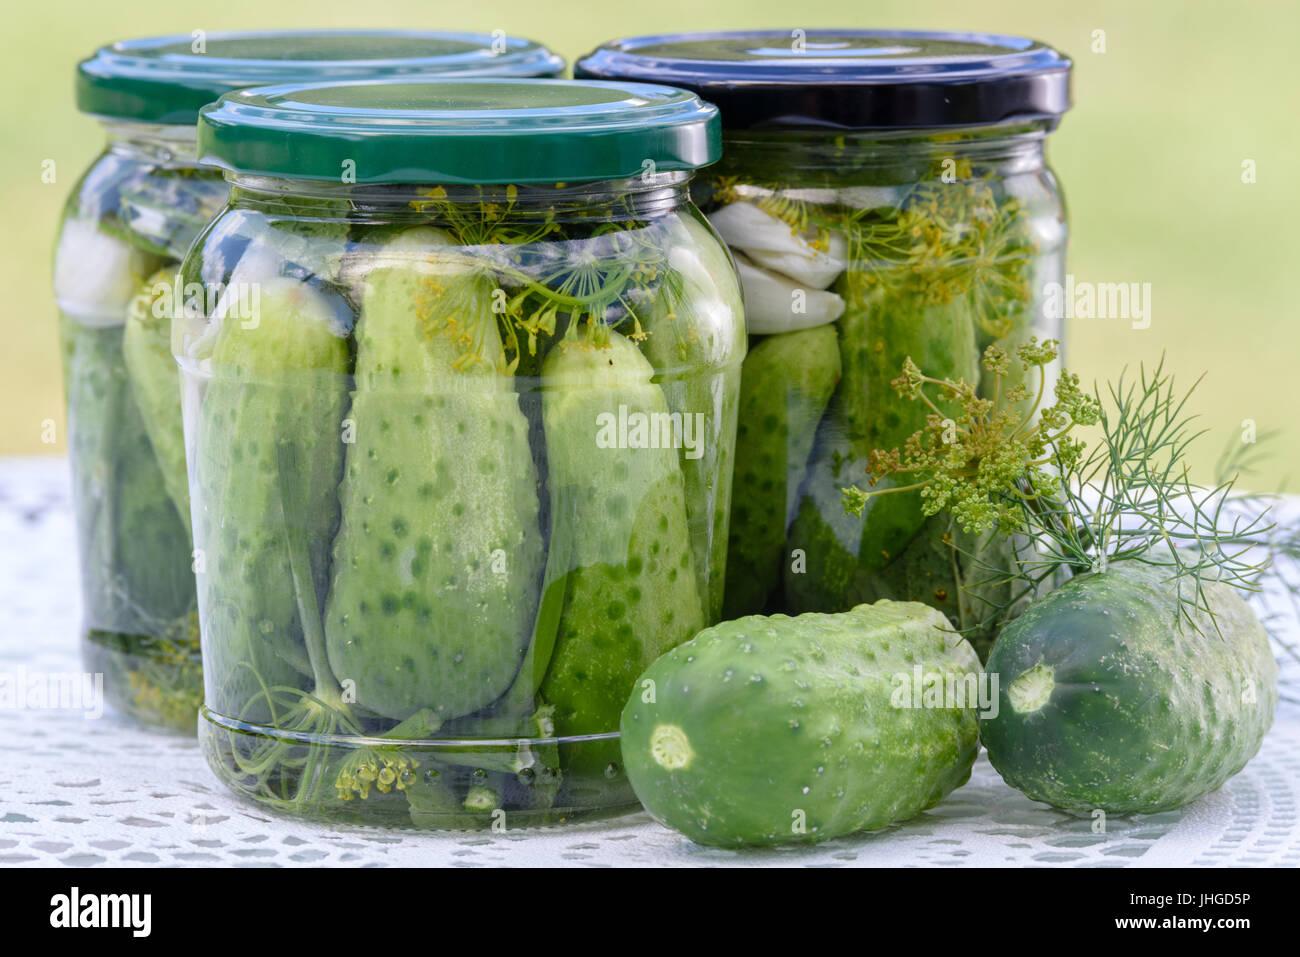 Le concept de bocaux de conserves maison - concombres sur une table à côté de la masse de matières Photo Stock